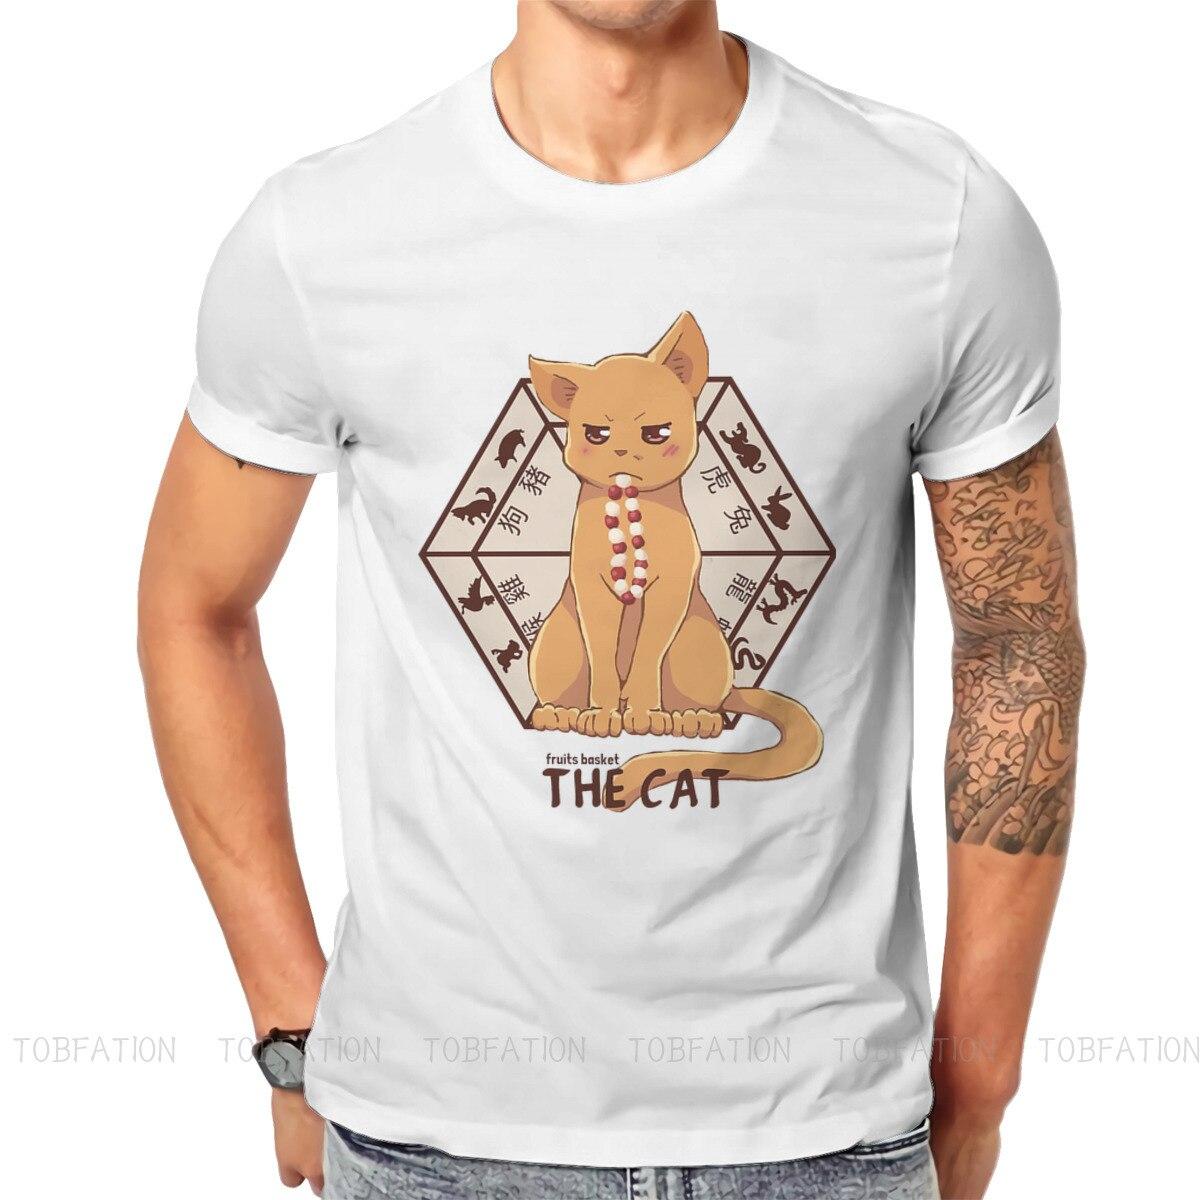 Мужская футболка с коротким рукавом Kyo, Винтажная Футболка большого размера с круглым вырезом, принтом в виде кошки, фруктов, корзины и знако...